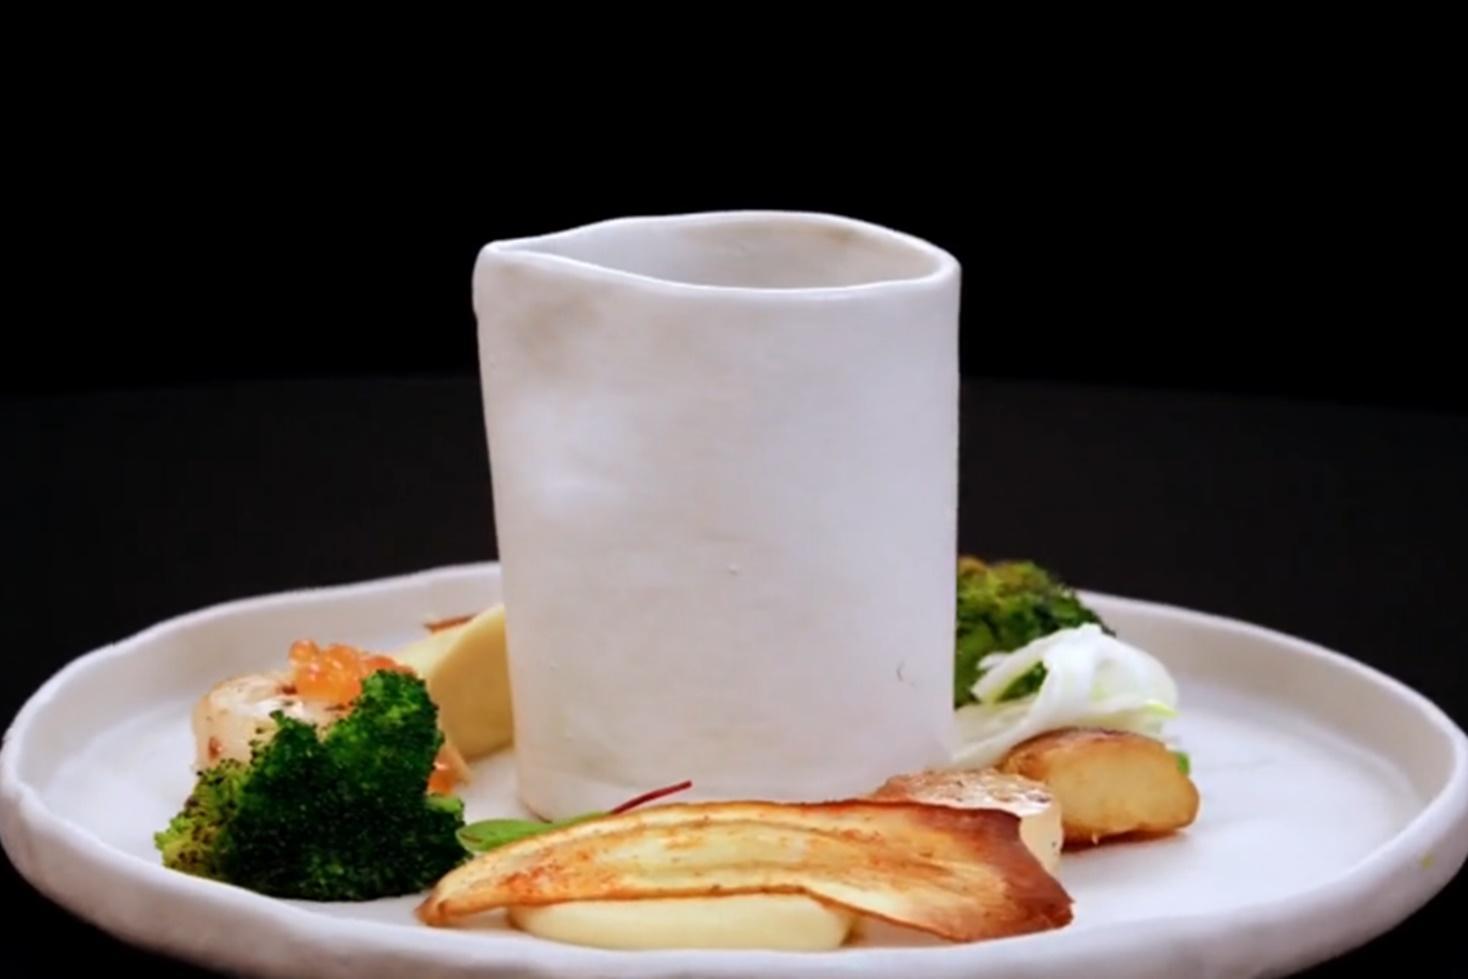 Chefi la cuțite, 11 aprilie 2021. Rețetă de scoici Saint Jacques cu sos de citrice și piure de păstârnac, gătită de Florin Revesz